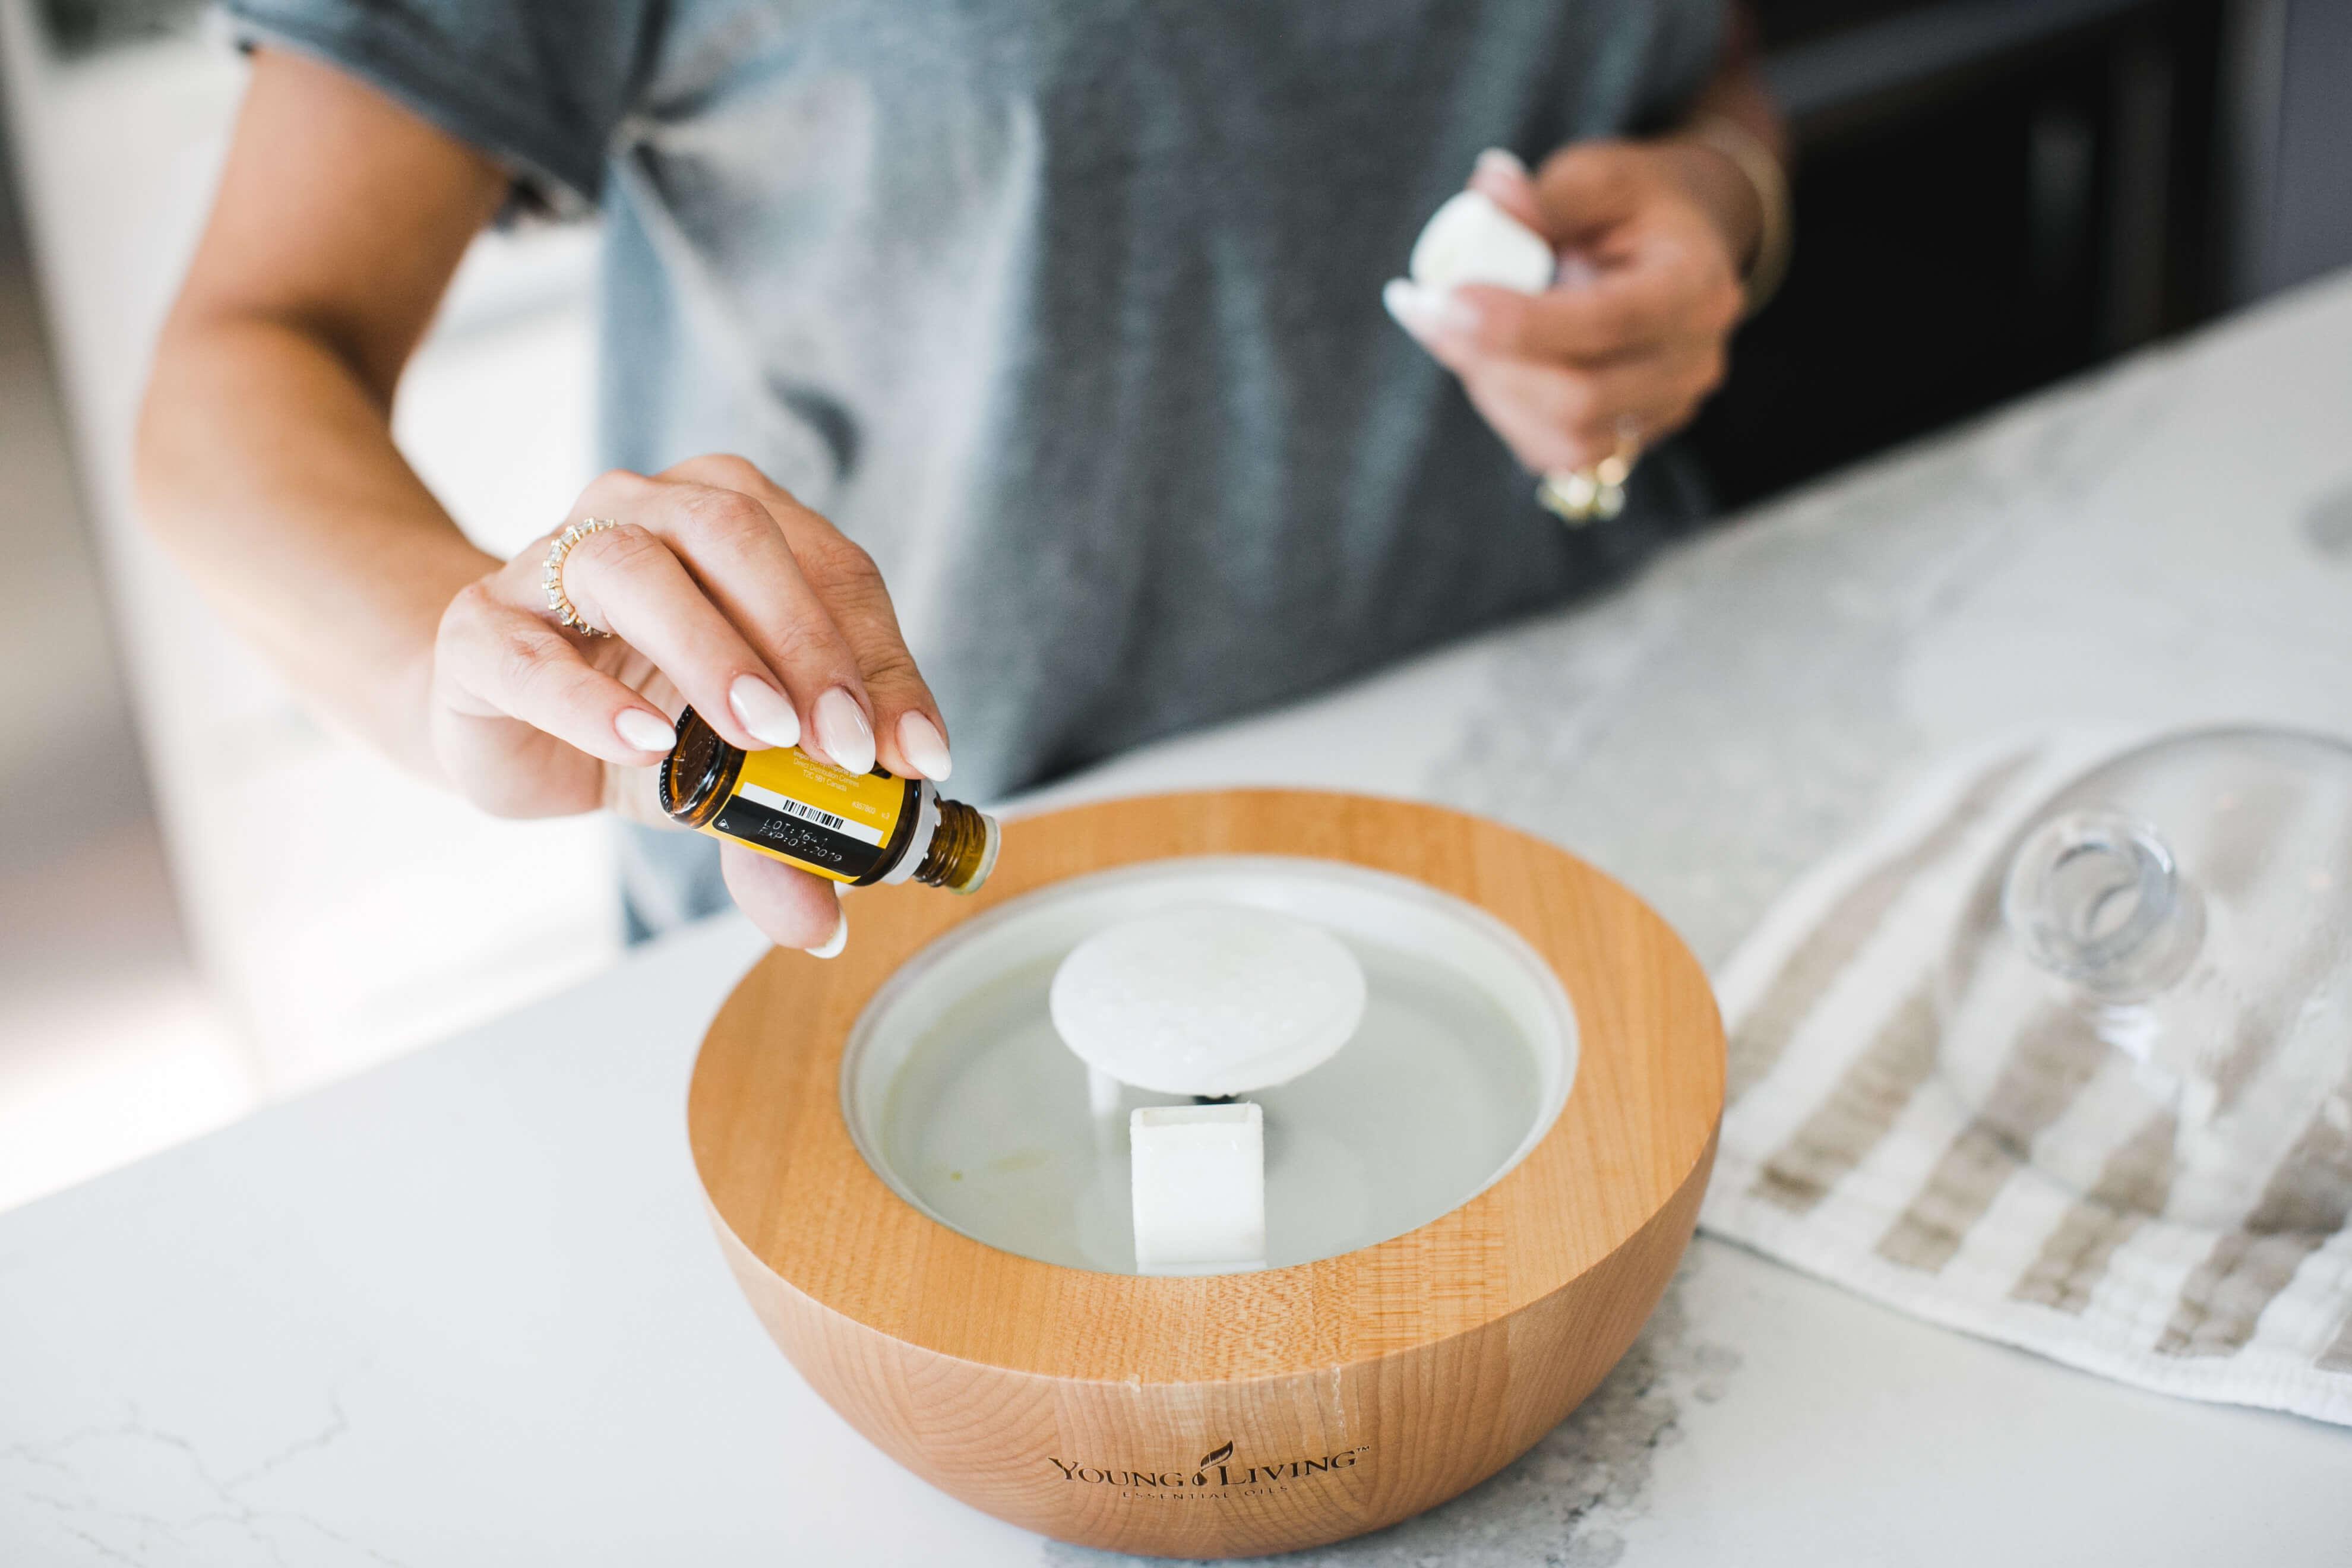 Essential Oils - Diffuser